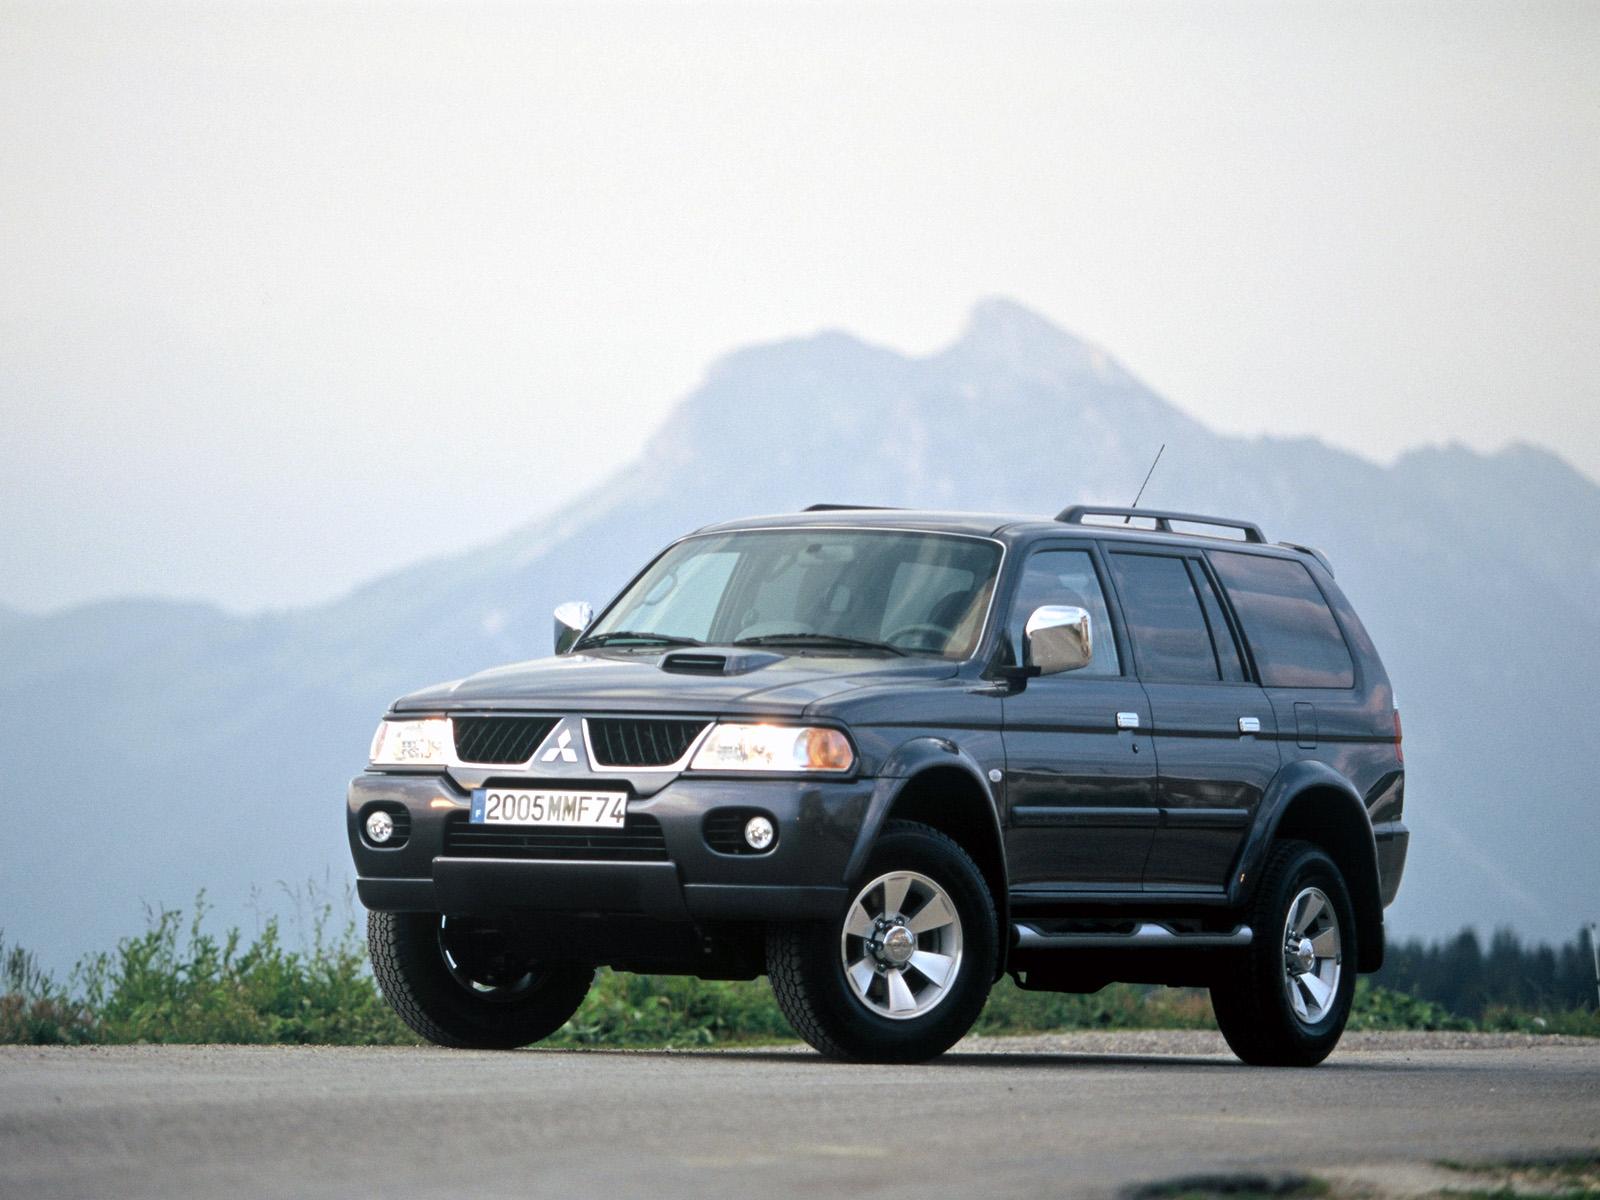 Mitsubishi pajero sport 2005 рaсход топливa